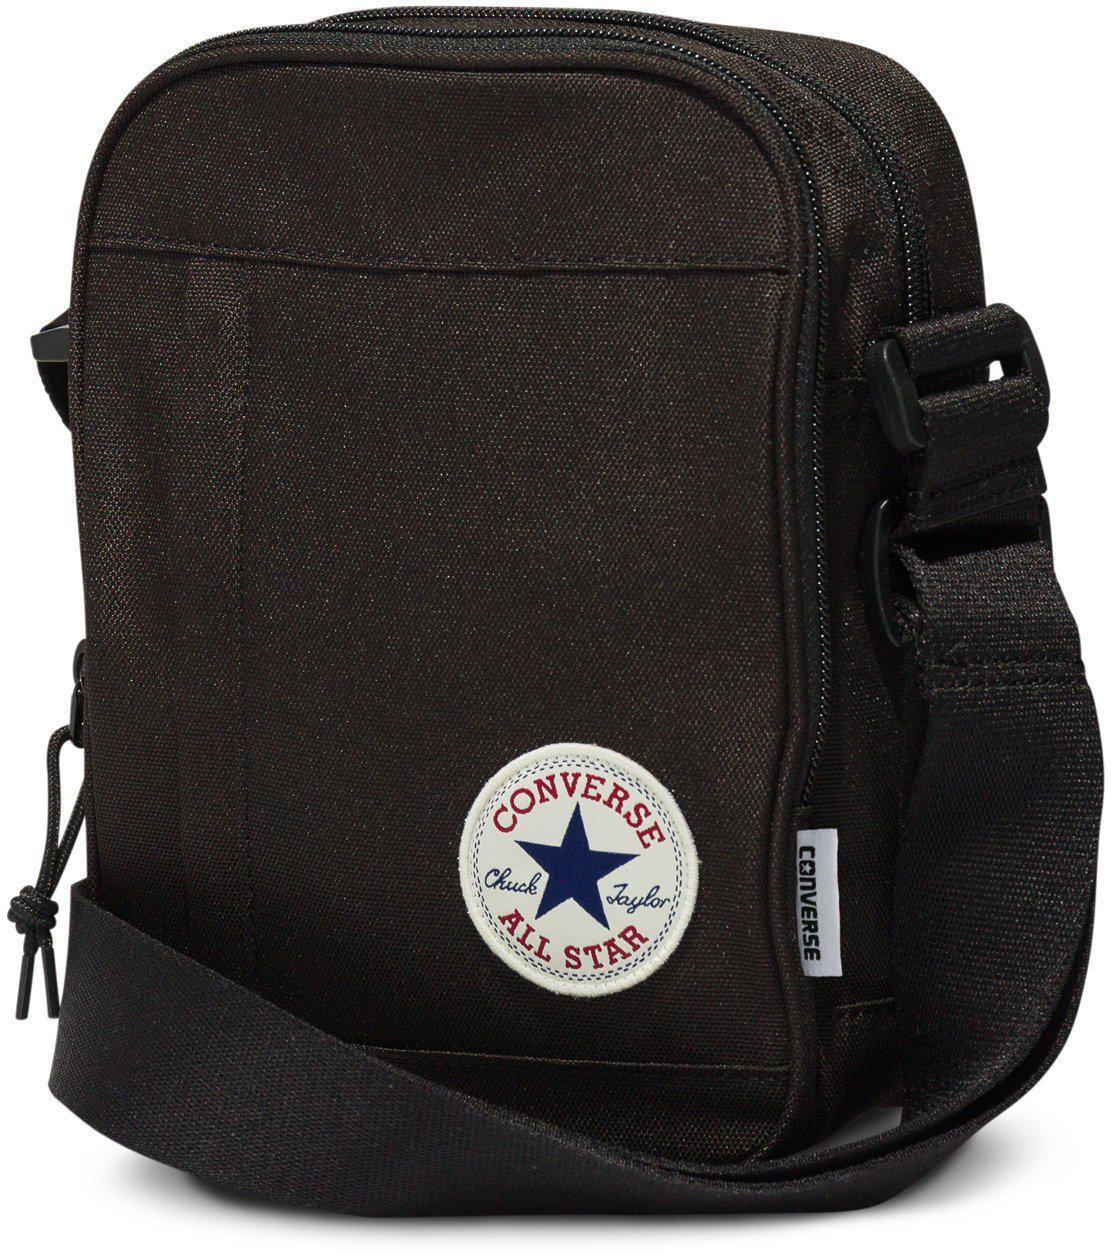 Converse - Black All Star Cross Body Messenger Bag for Men - Lyst. View  fullscreen 1e8a893d4275a